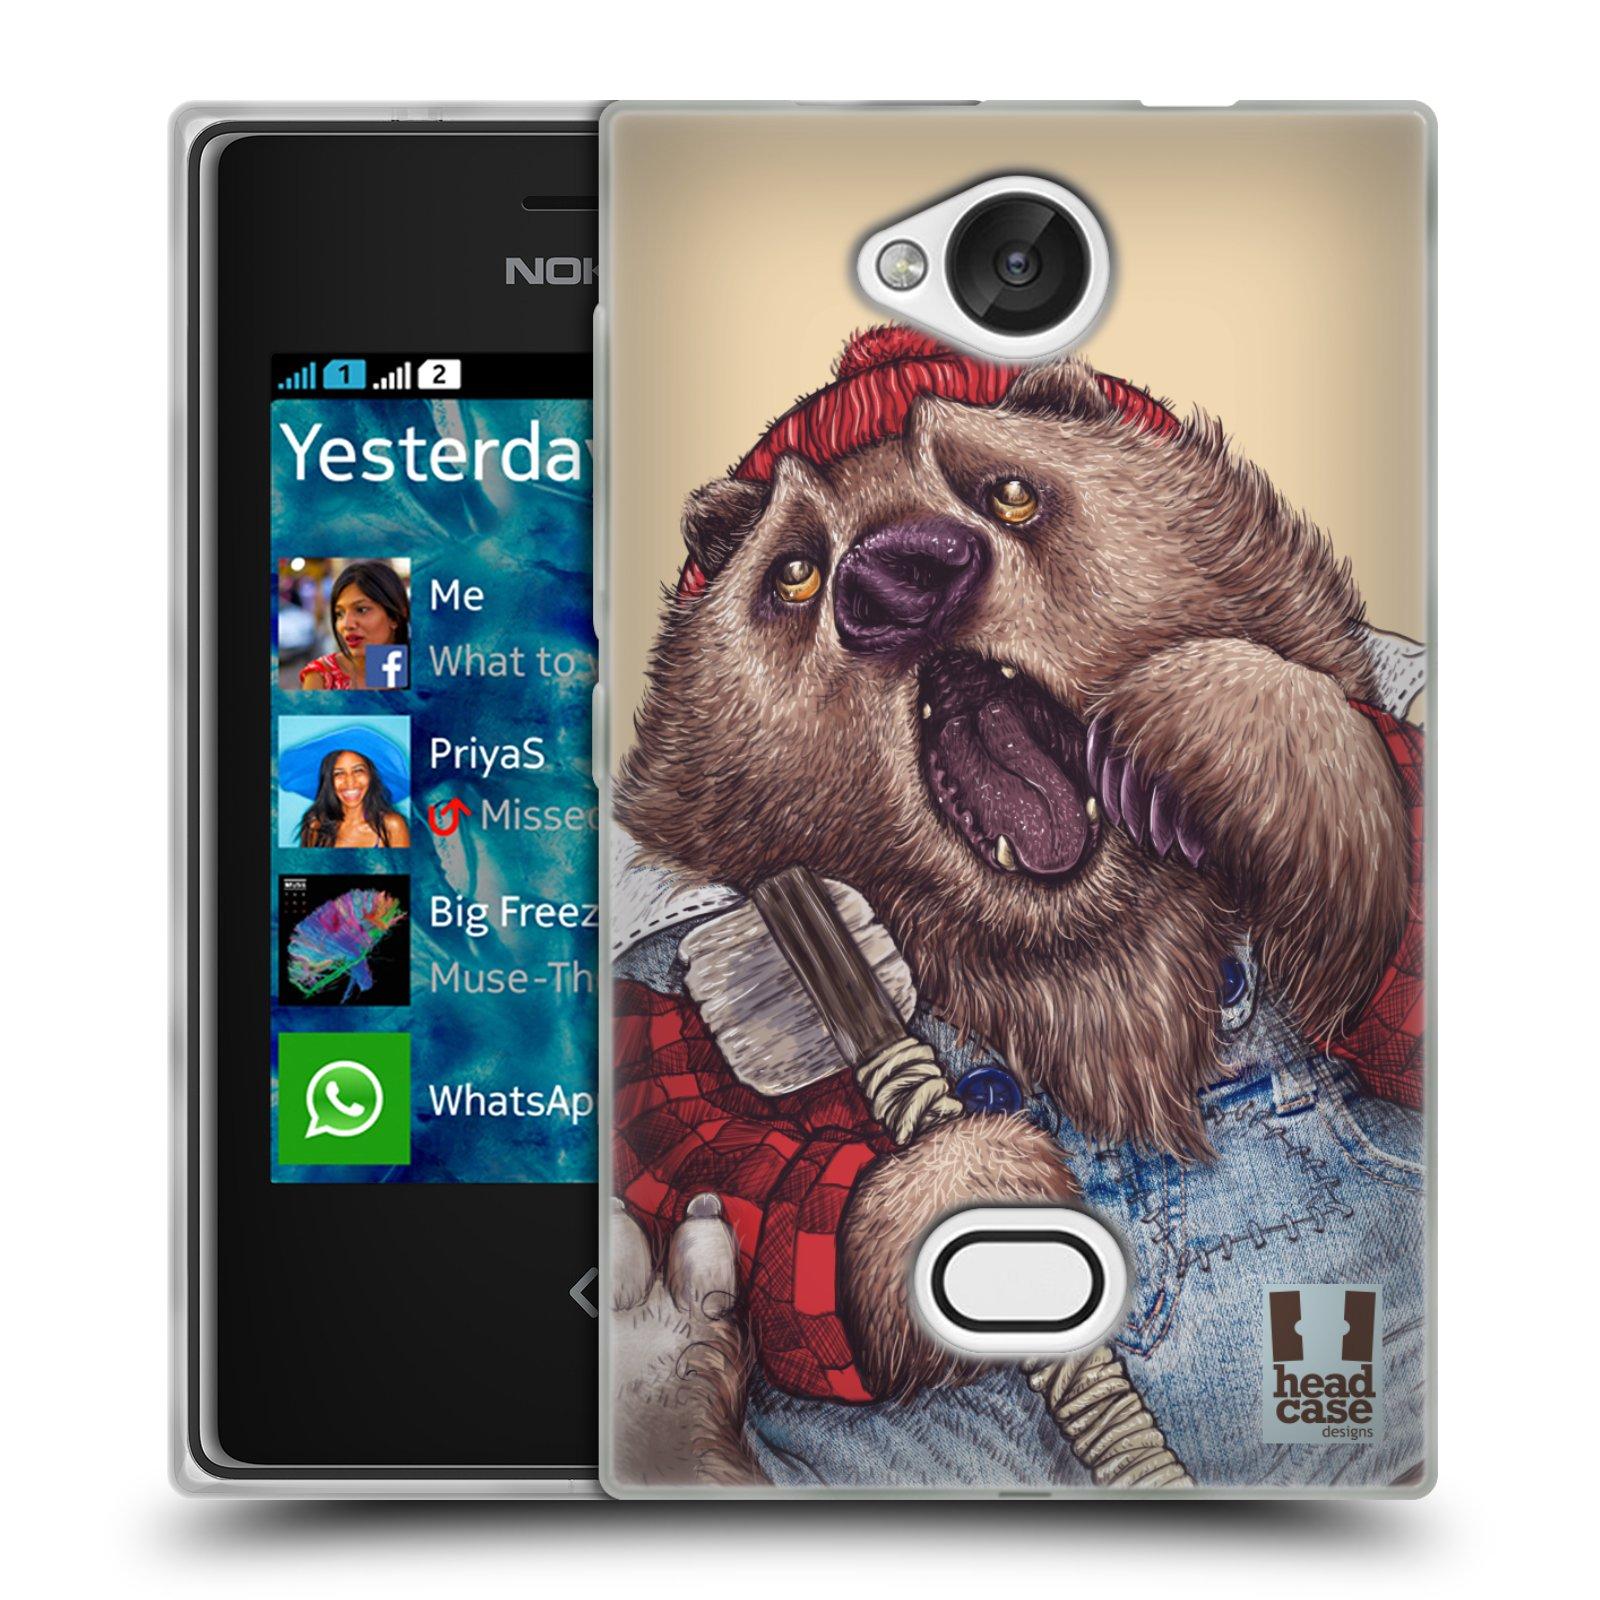 HEAD CASE silikonový obal na mobil NOKIA Asha 503 vzor Kreslená zvířátka medvěd